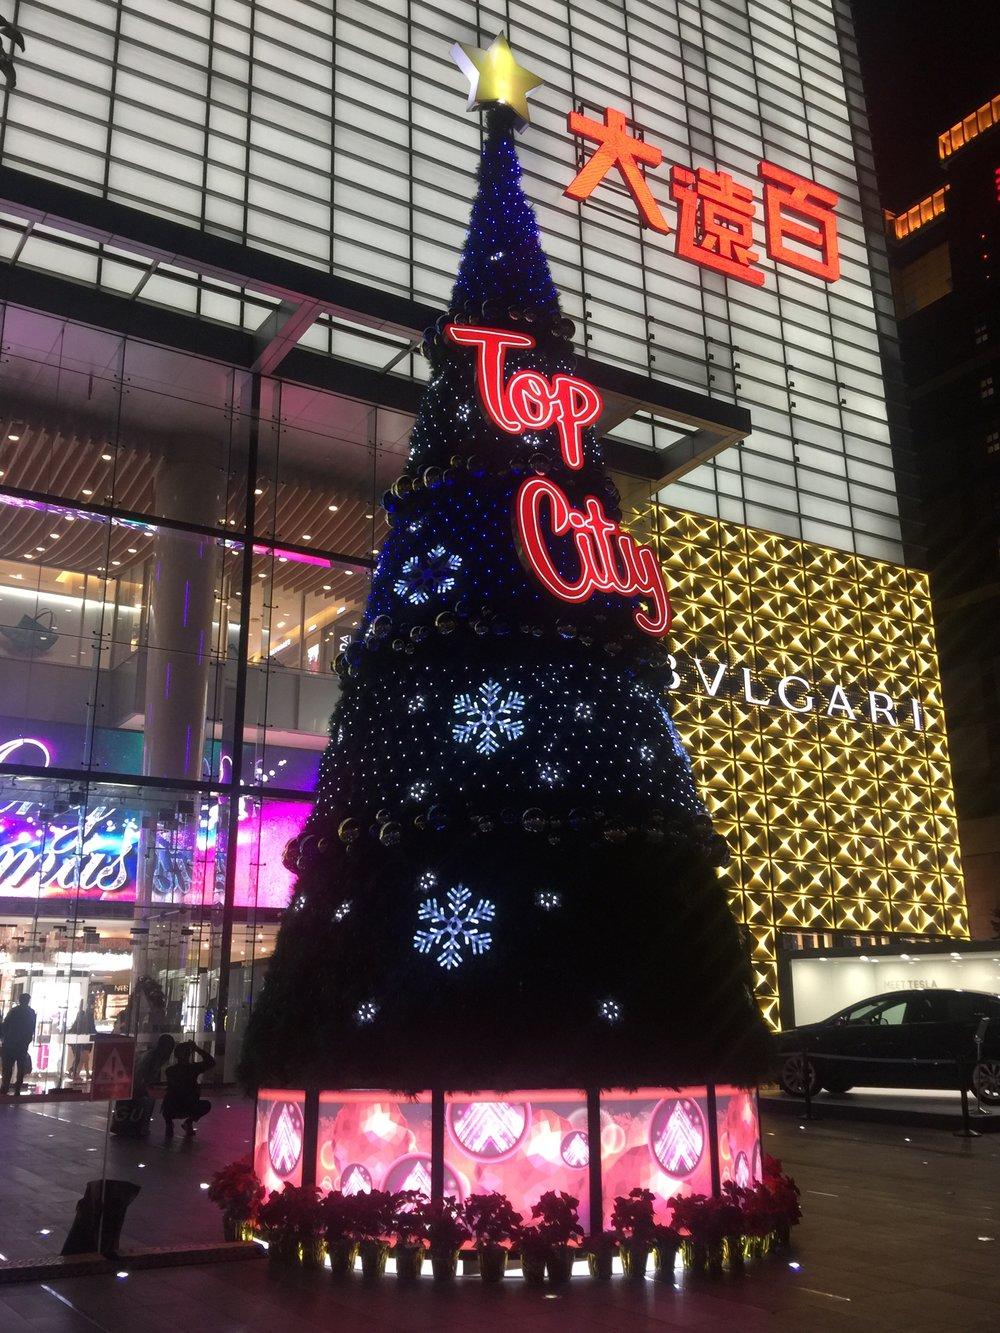 台中大遠百 - 台中大遠百今年聖誕節除了在1F時尚廣場打造大型形象聖誕樹外, 更在周圍以行星為主題,打造星球燈海,讓冬日夜晚中的遠百星光熠熠,增添不少過節氣氛, 置身其中就能感受到遊走在銀河大道上的浪漫幸福感!還在等什麼呢,快來找尋屬於你的聖誕之星![Photo Credit] 台中大遠百官方圖片地址:407台中市西屯區台灣大道三段251號日期:2017/12/01 - 2018/01/01時間:不限